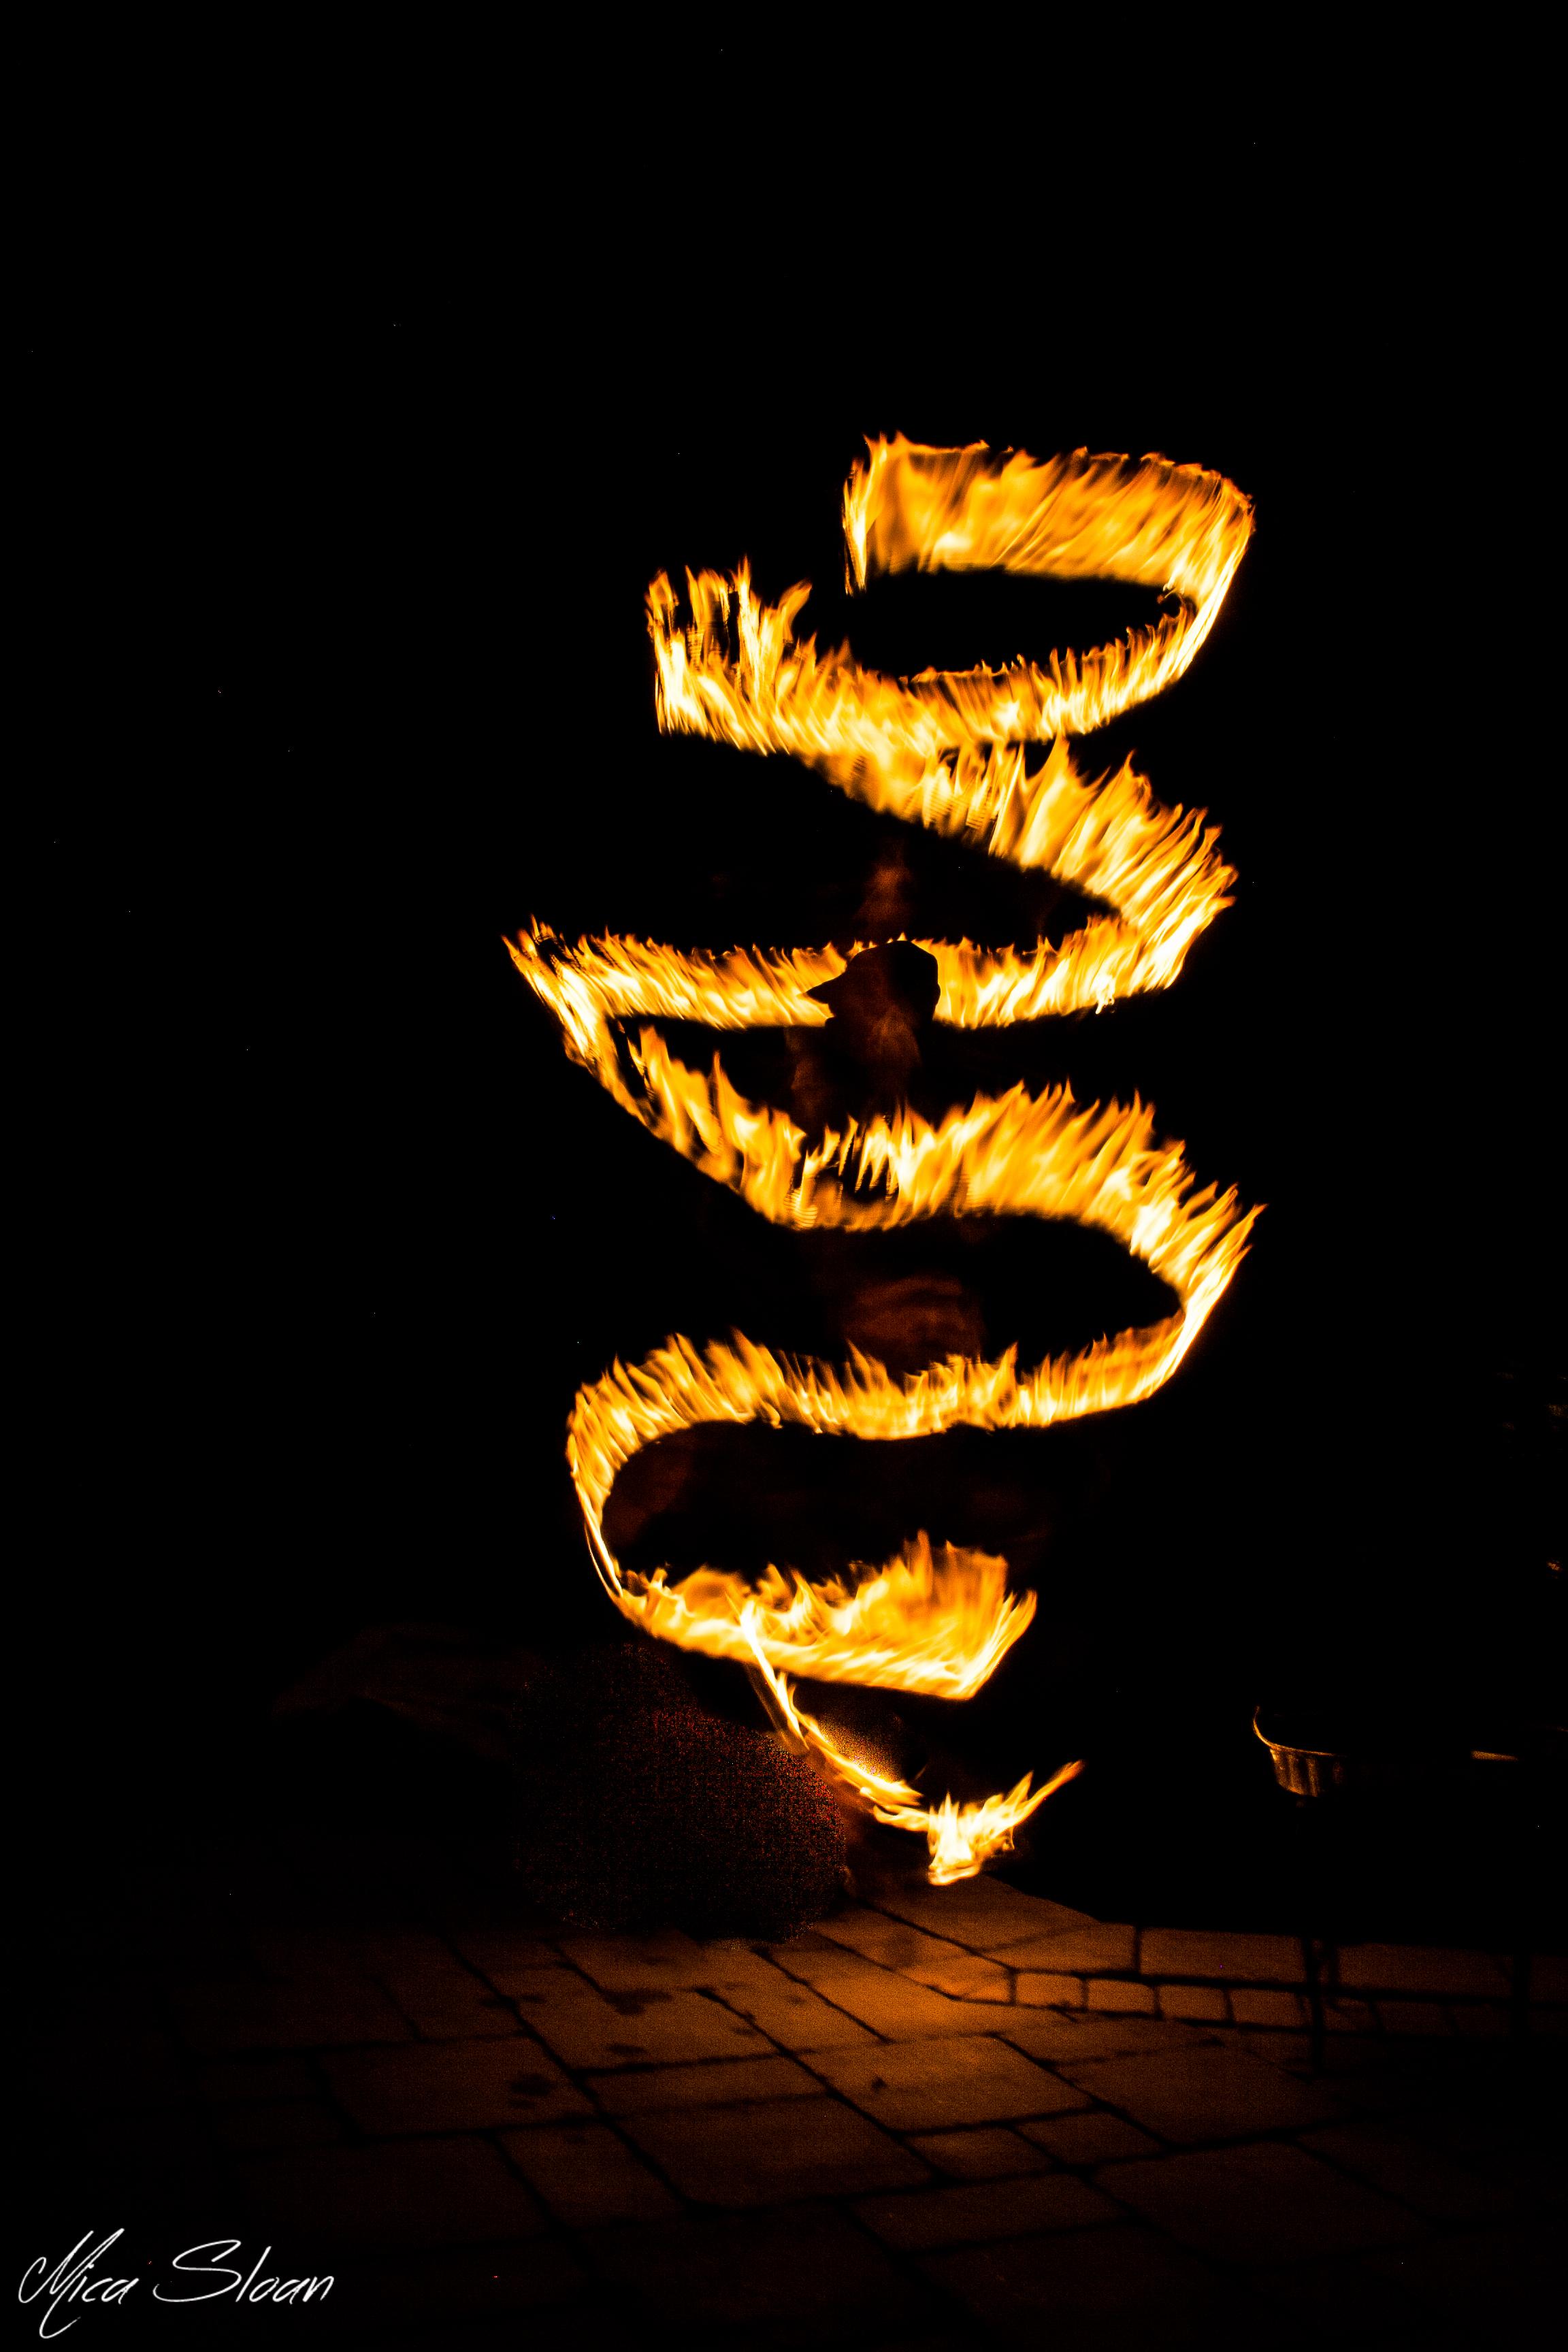 Fire Bending